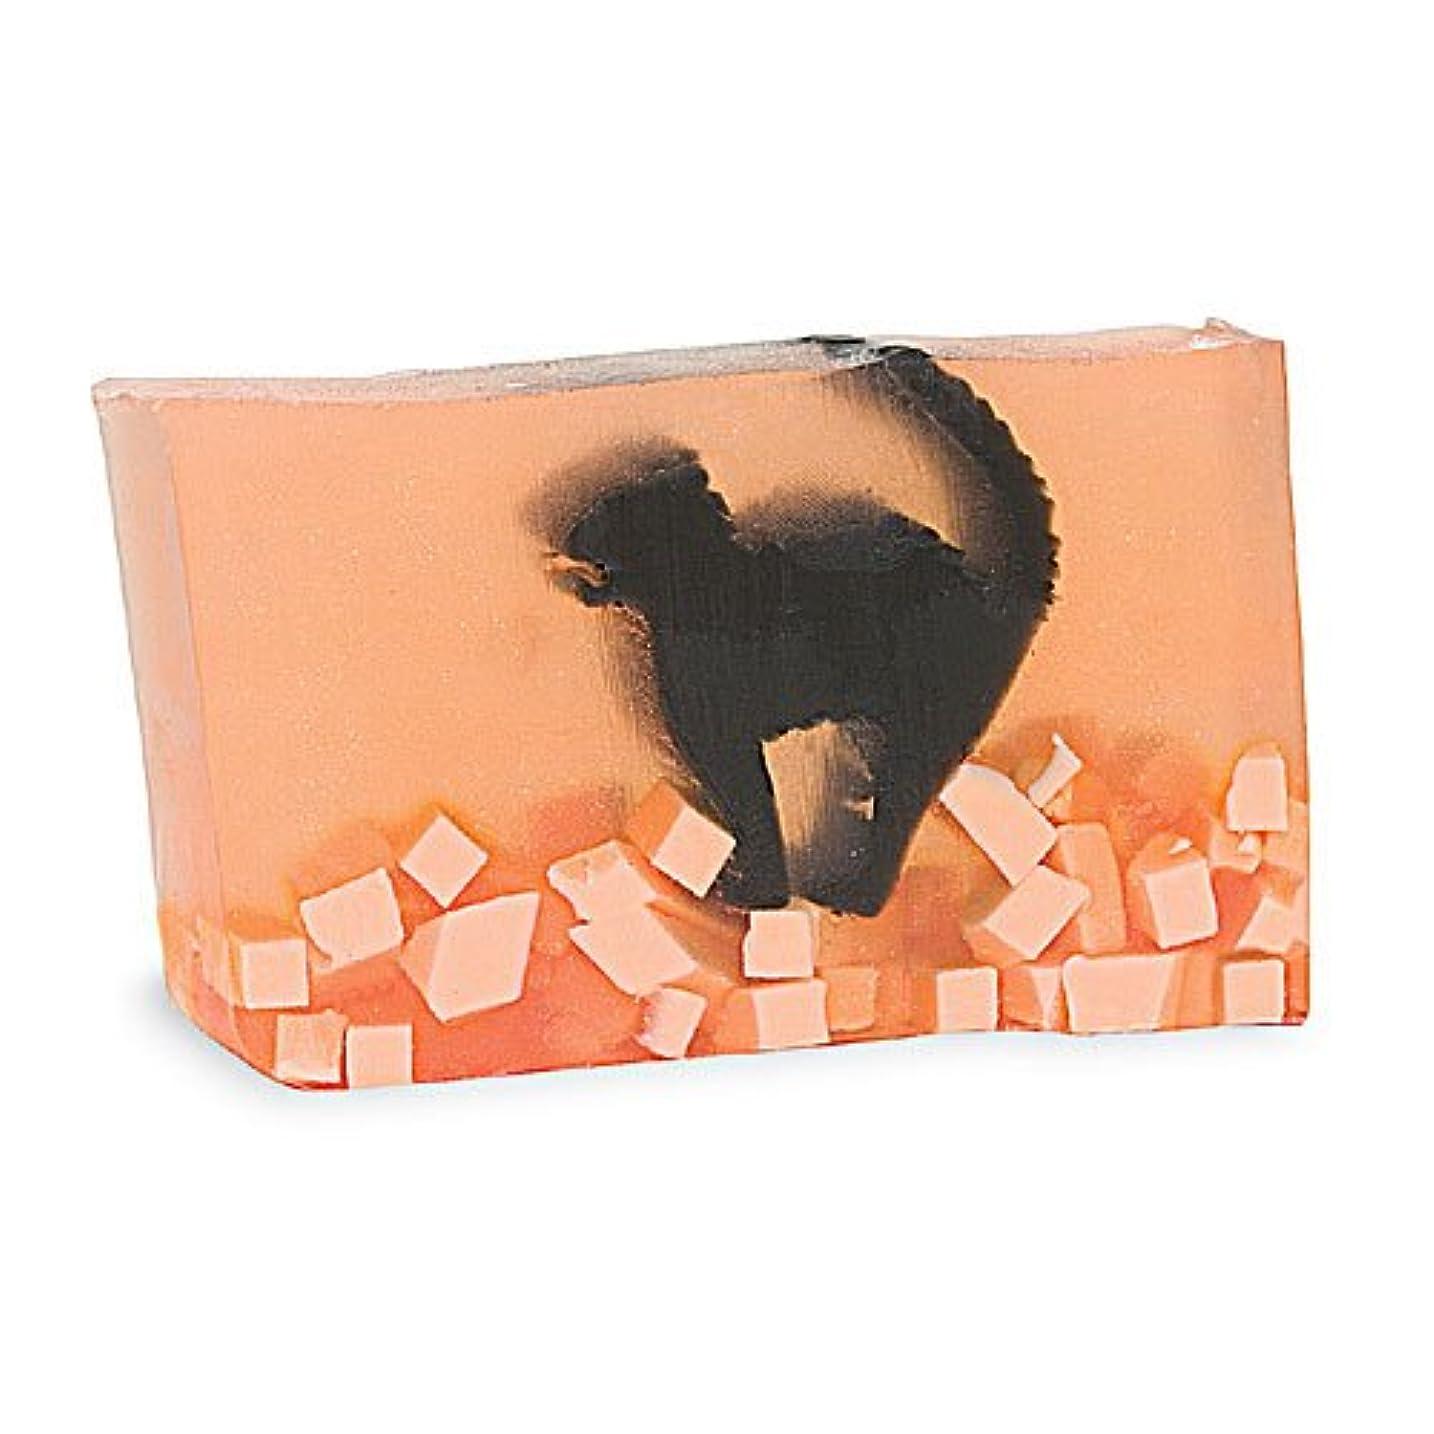 誇張達成可能ペインギリックプライモールエレメンツ アロマティック ソープ スケアディキャット 180g ハロウィンにおすすめ植物性のナチュラル石鹸